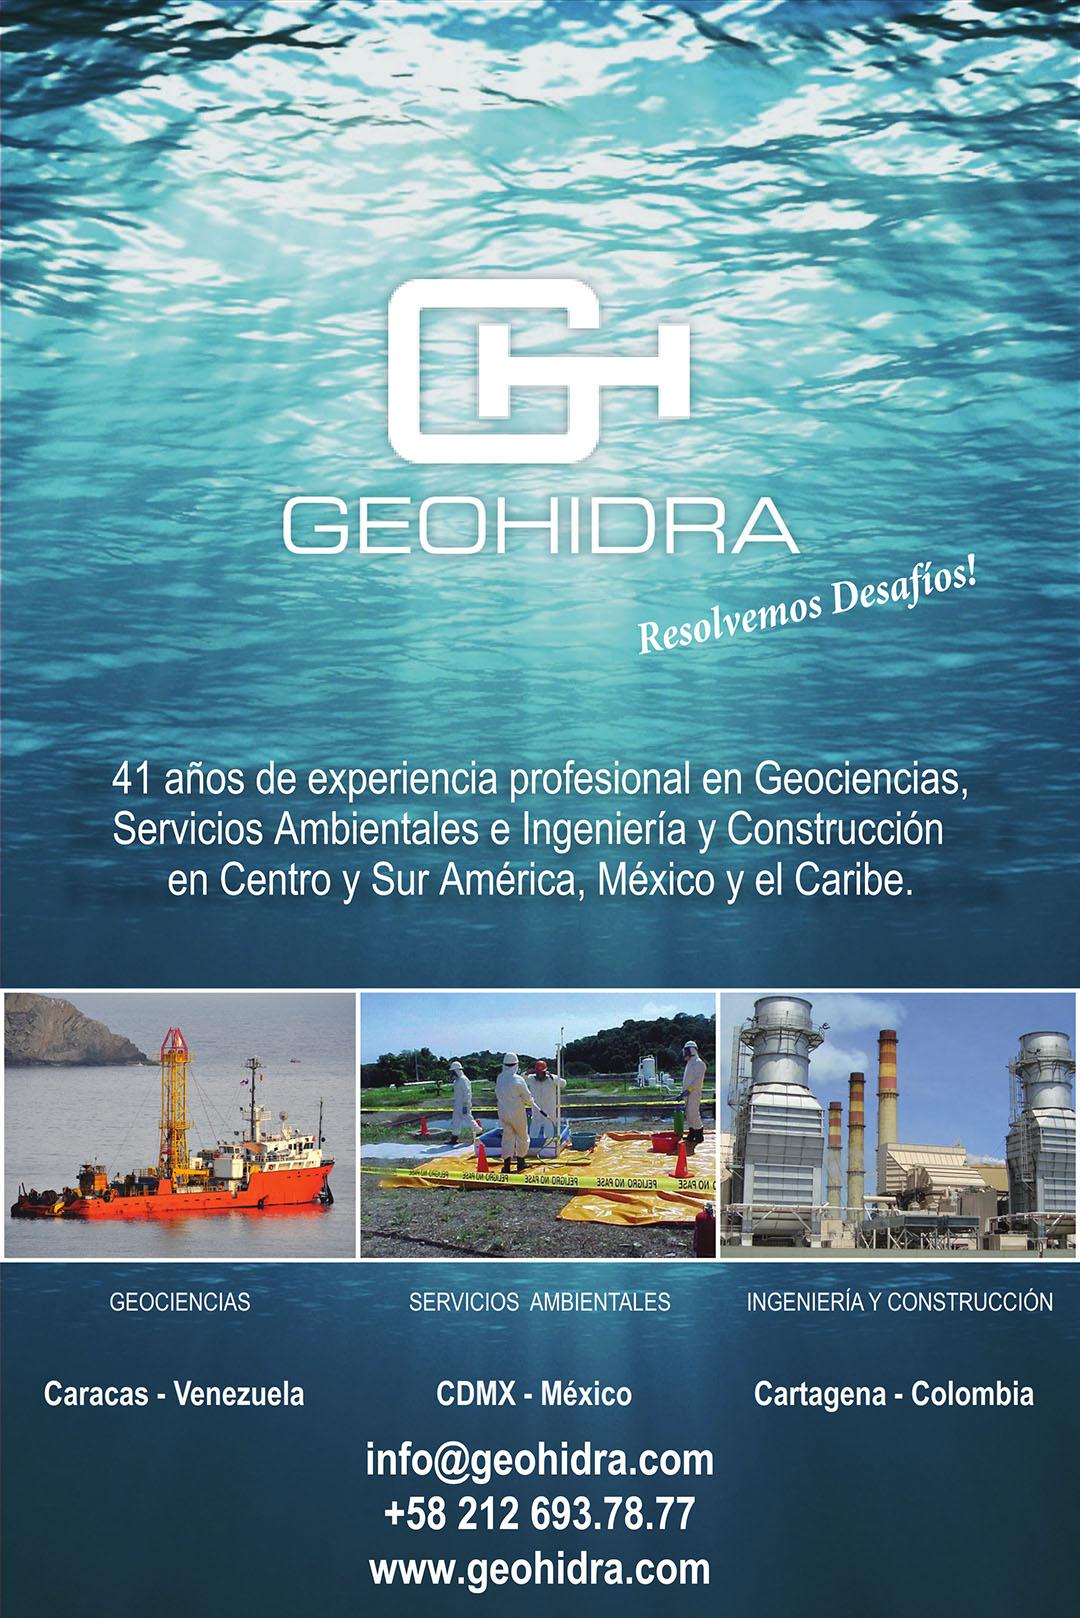 GEOHIDRA